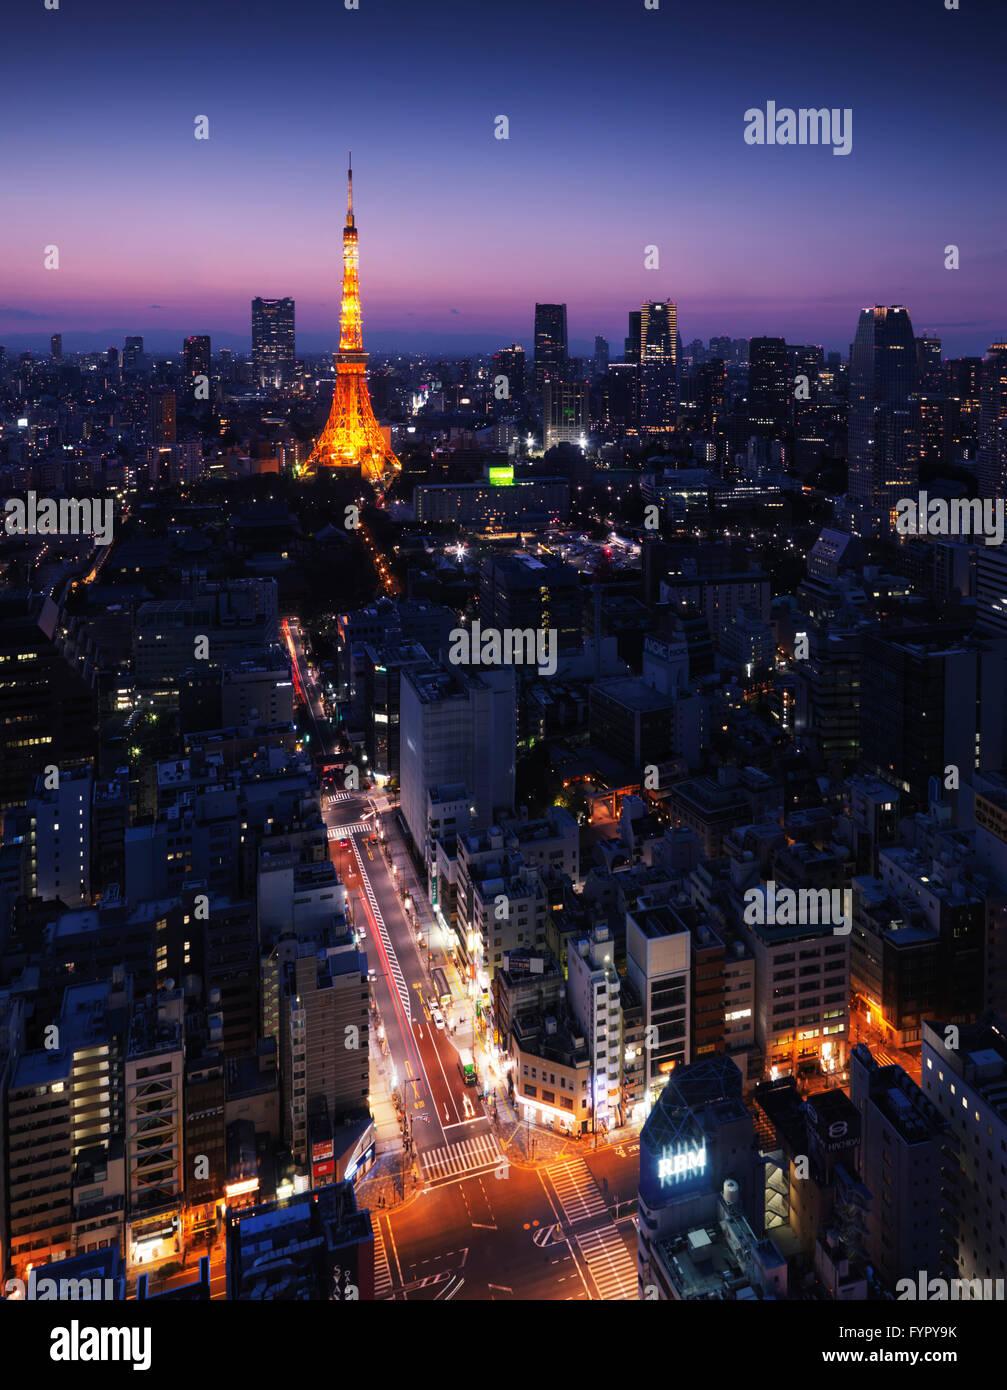 Paesaggio con torre di Tokyo illuminato nel crepuscolo, Minato, Tokyo, Giappone Immagini Stock